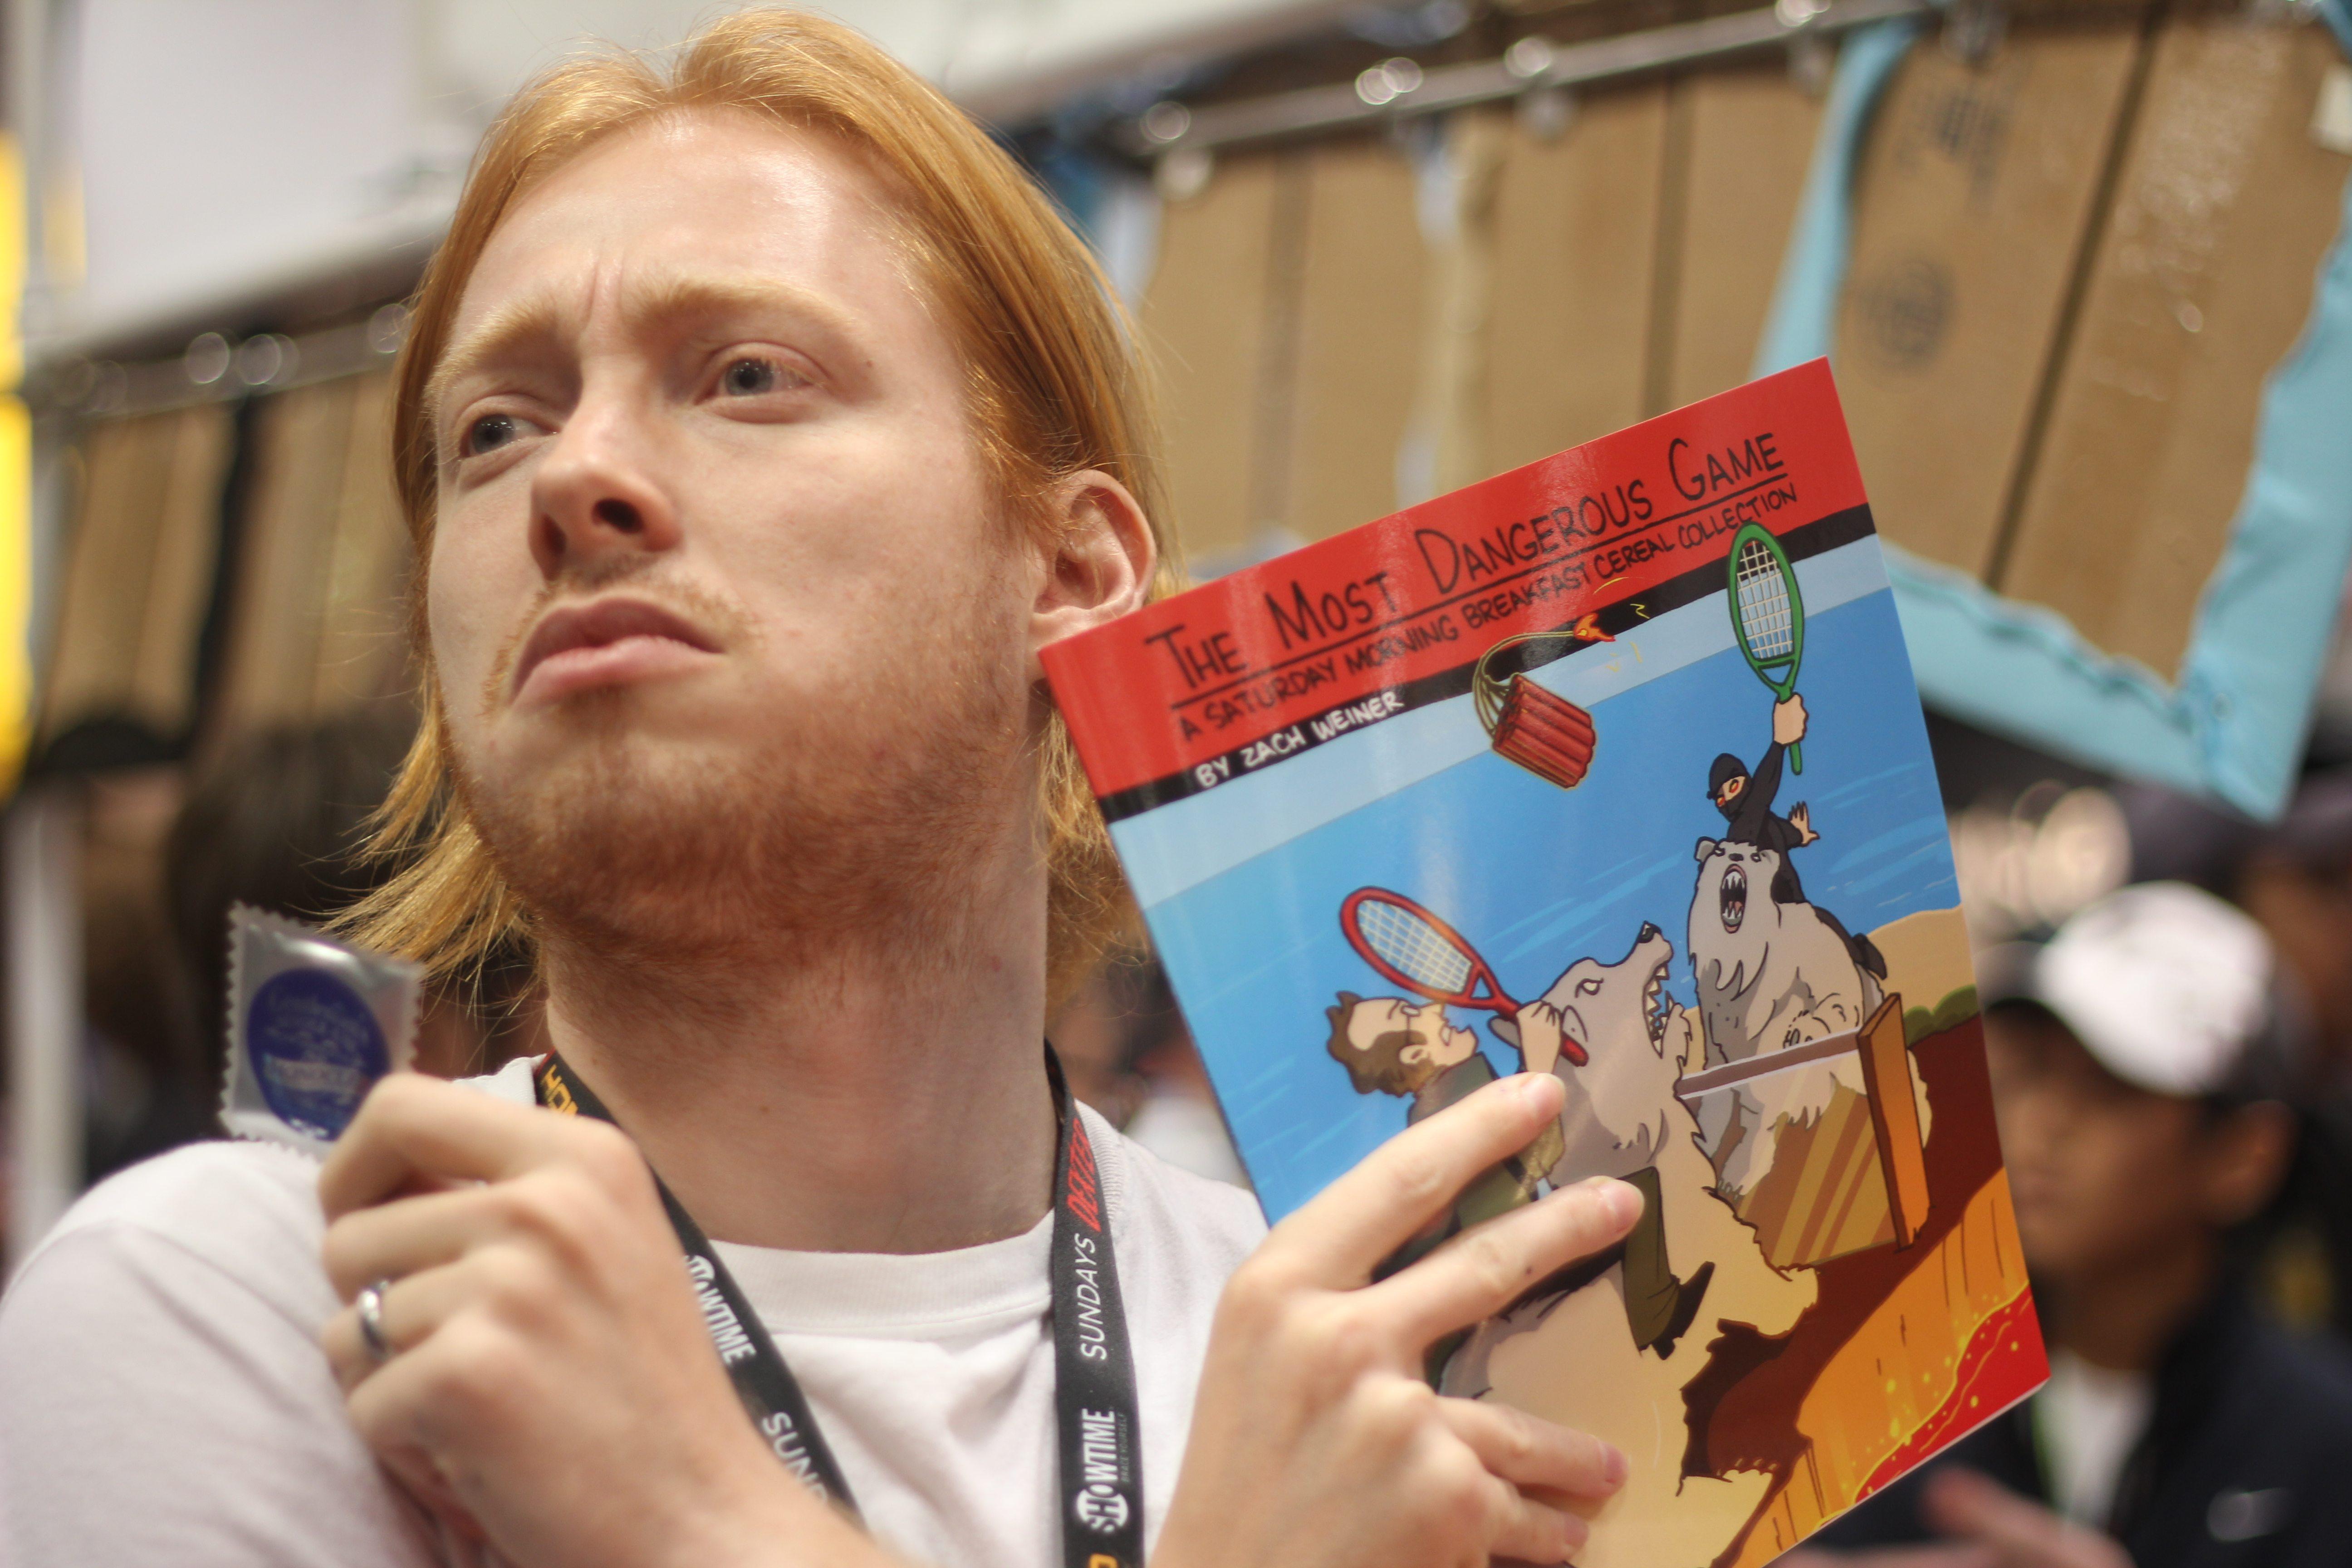 GeekDad Interviews Zach Weinersmith